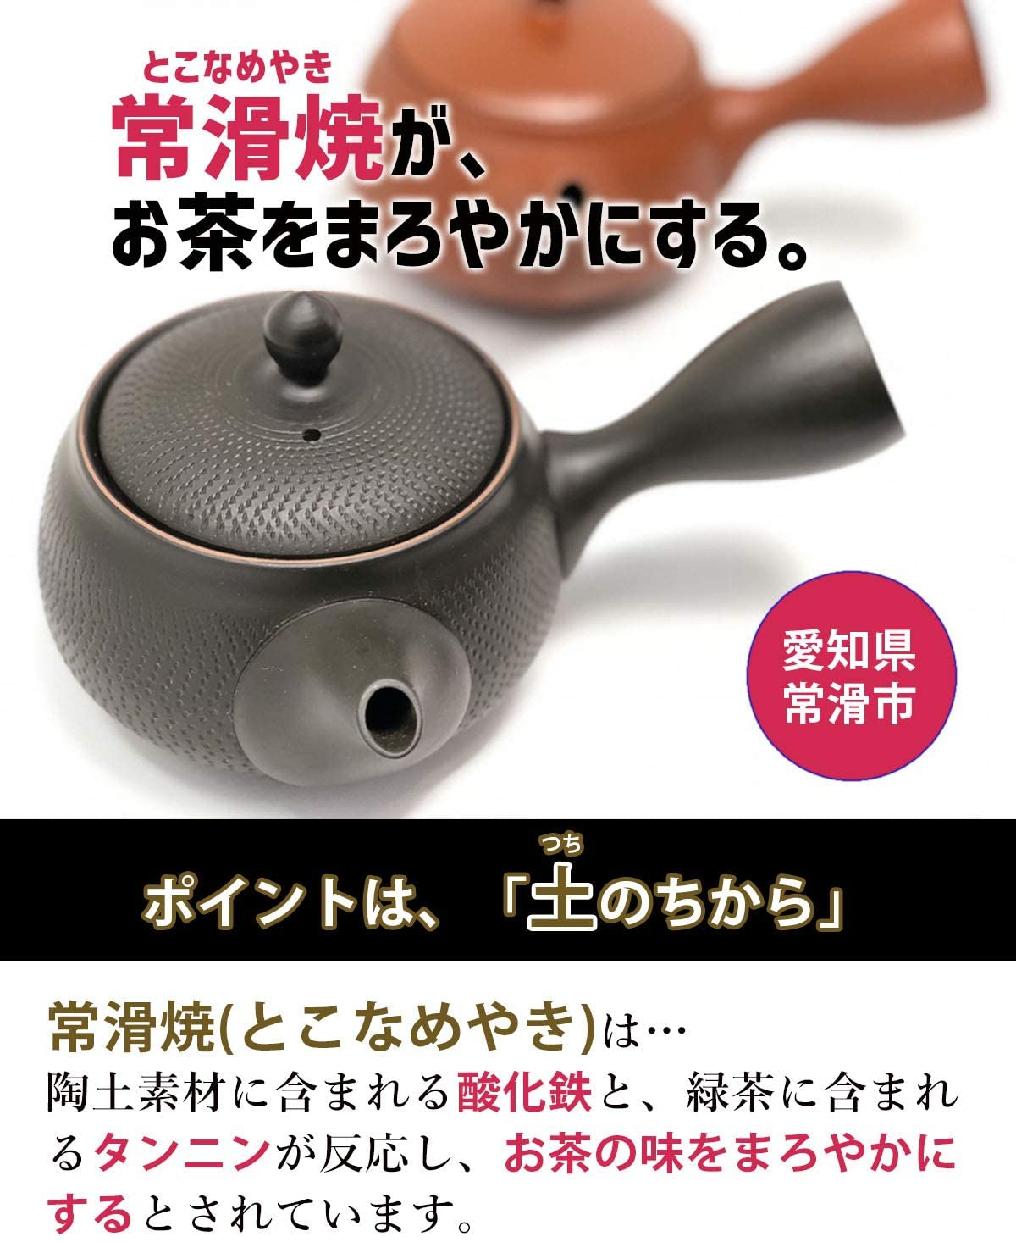 喫茶去 味がまろやかになる 常滑焼 黒泥急須  黒の商品画像4